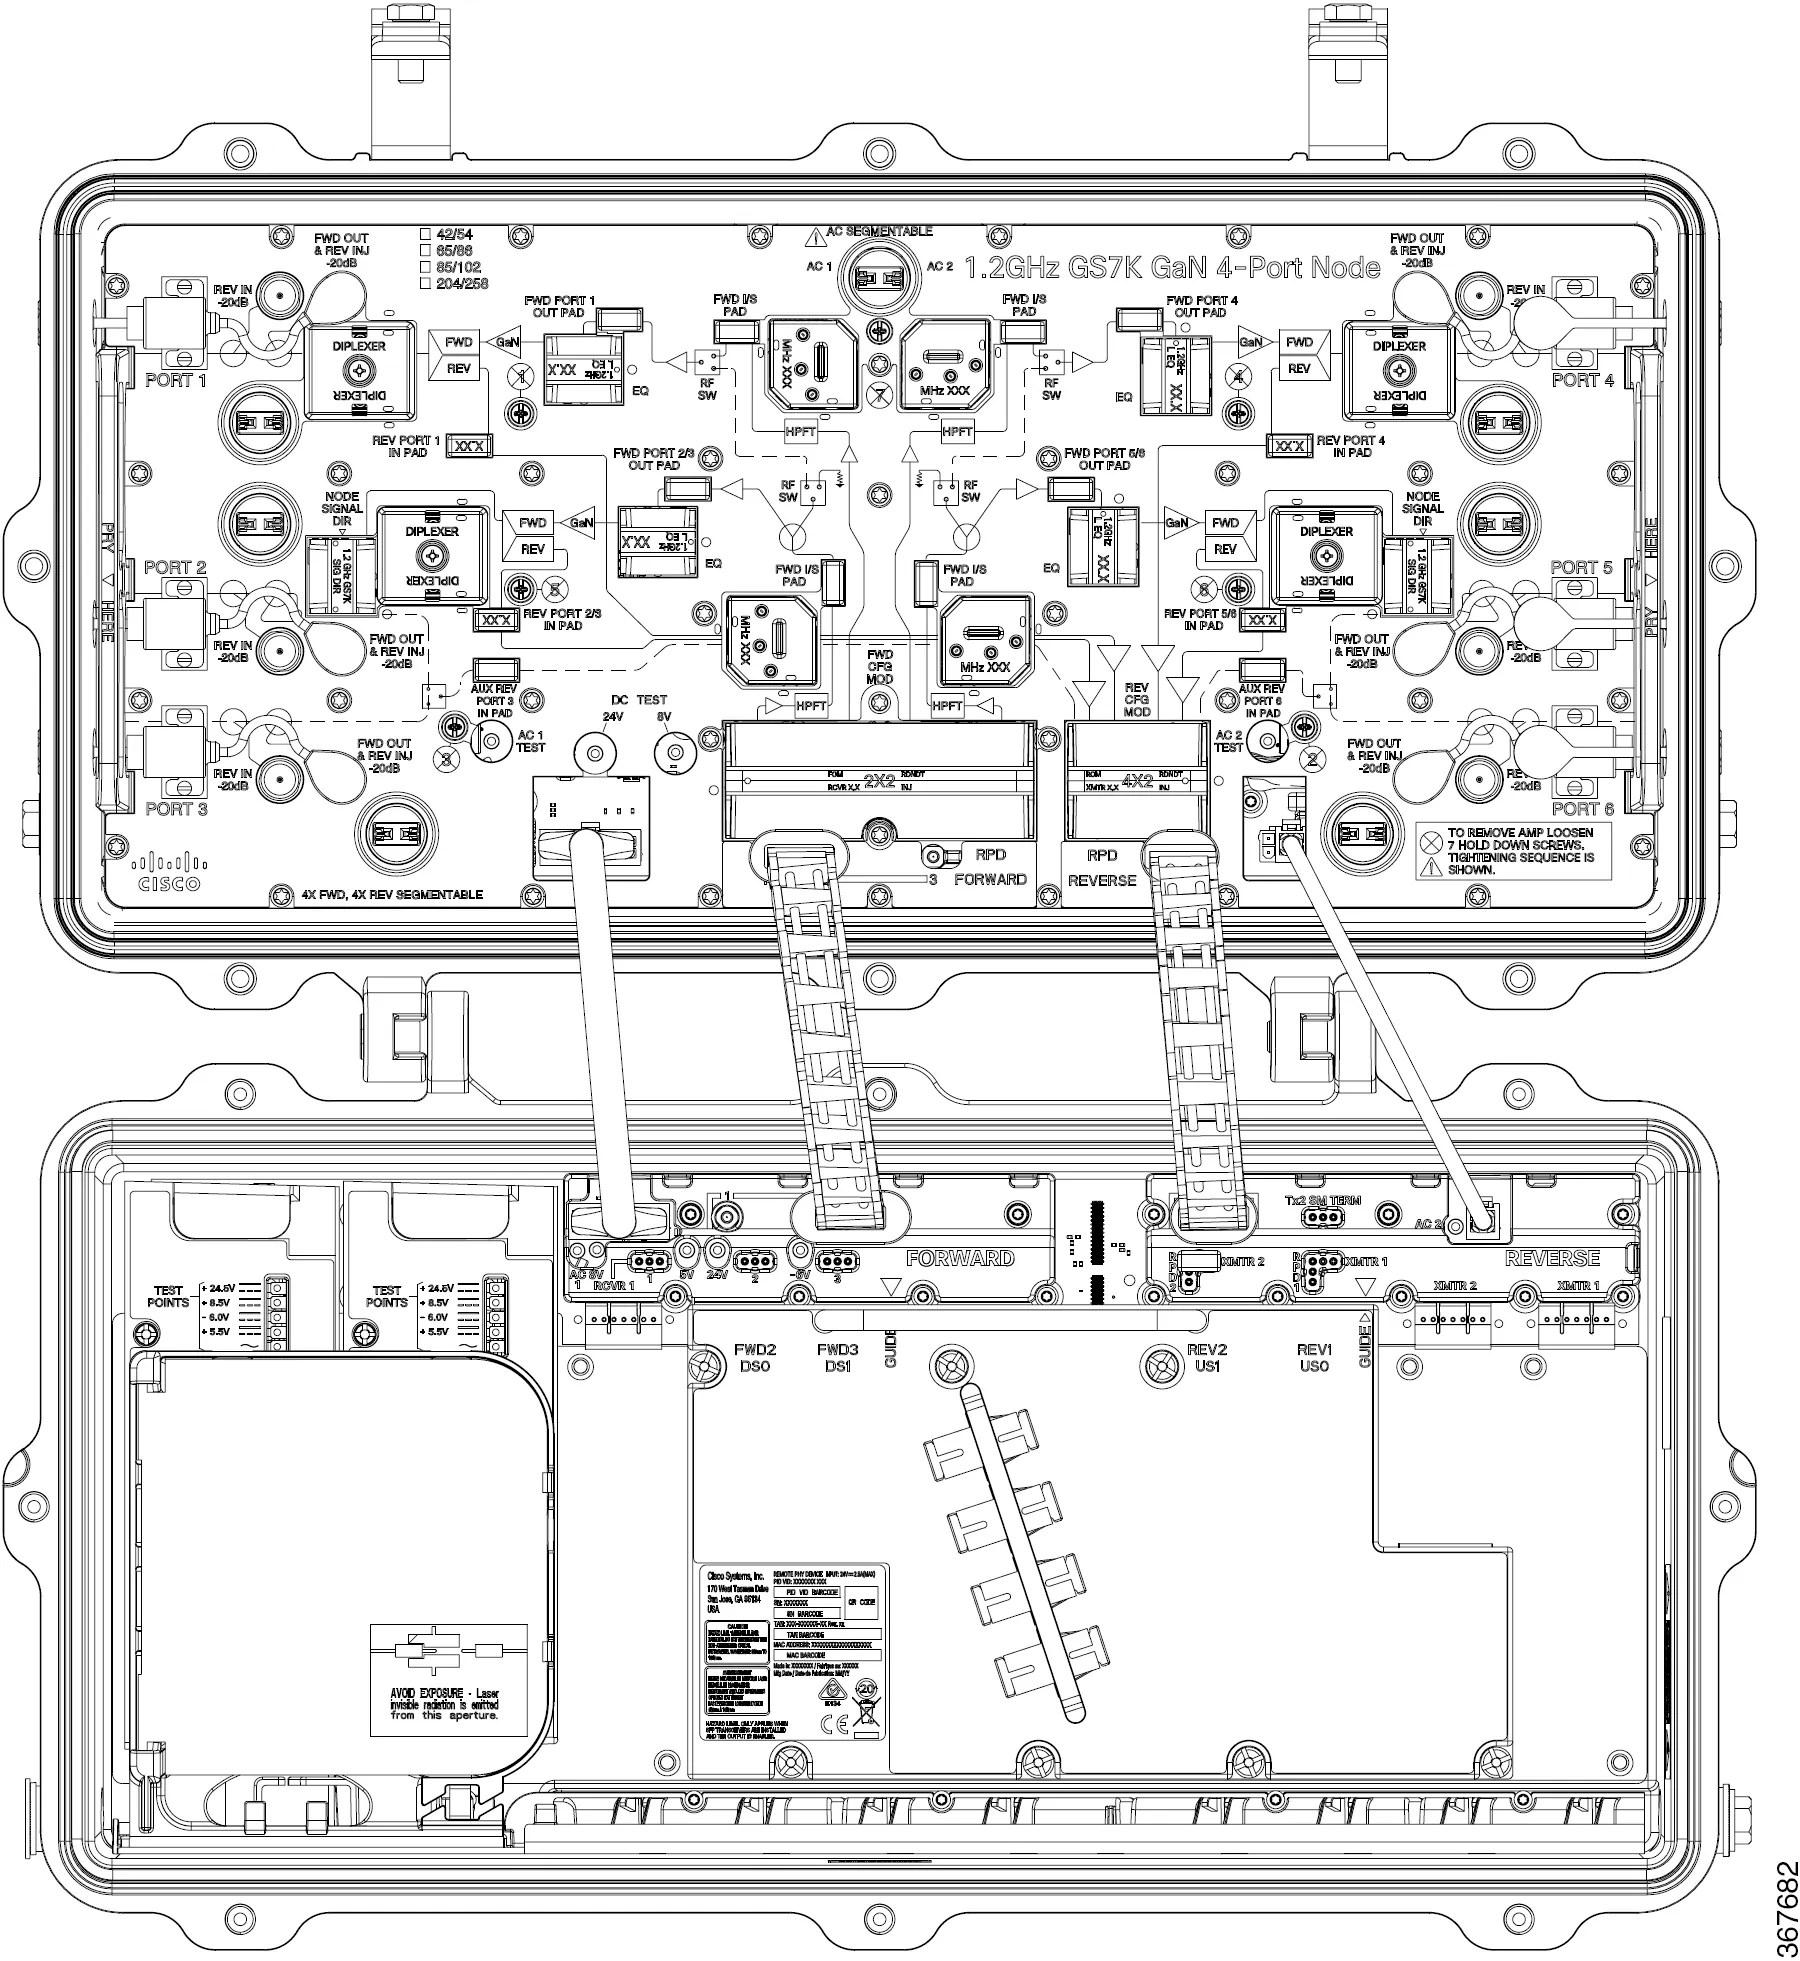 Cisco GS7000 Super High Output Intelligent Node Software